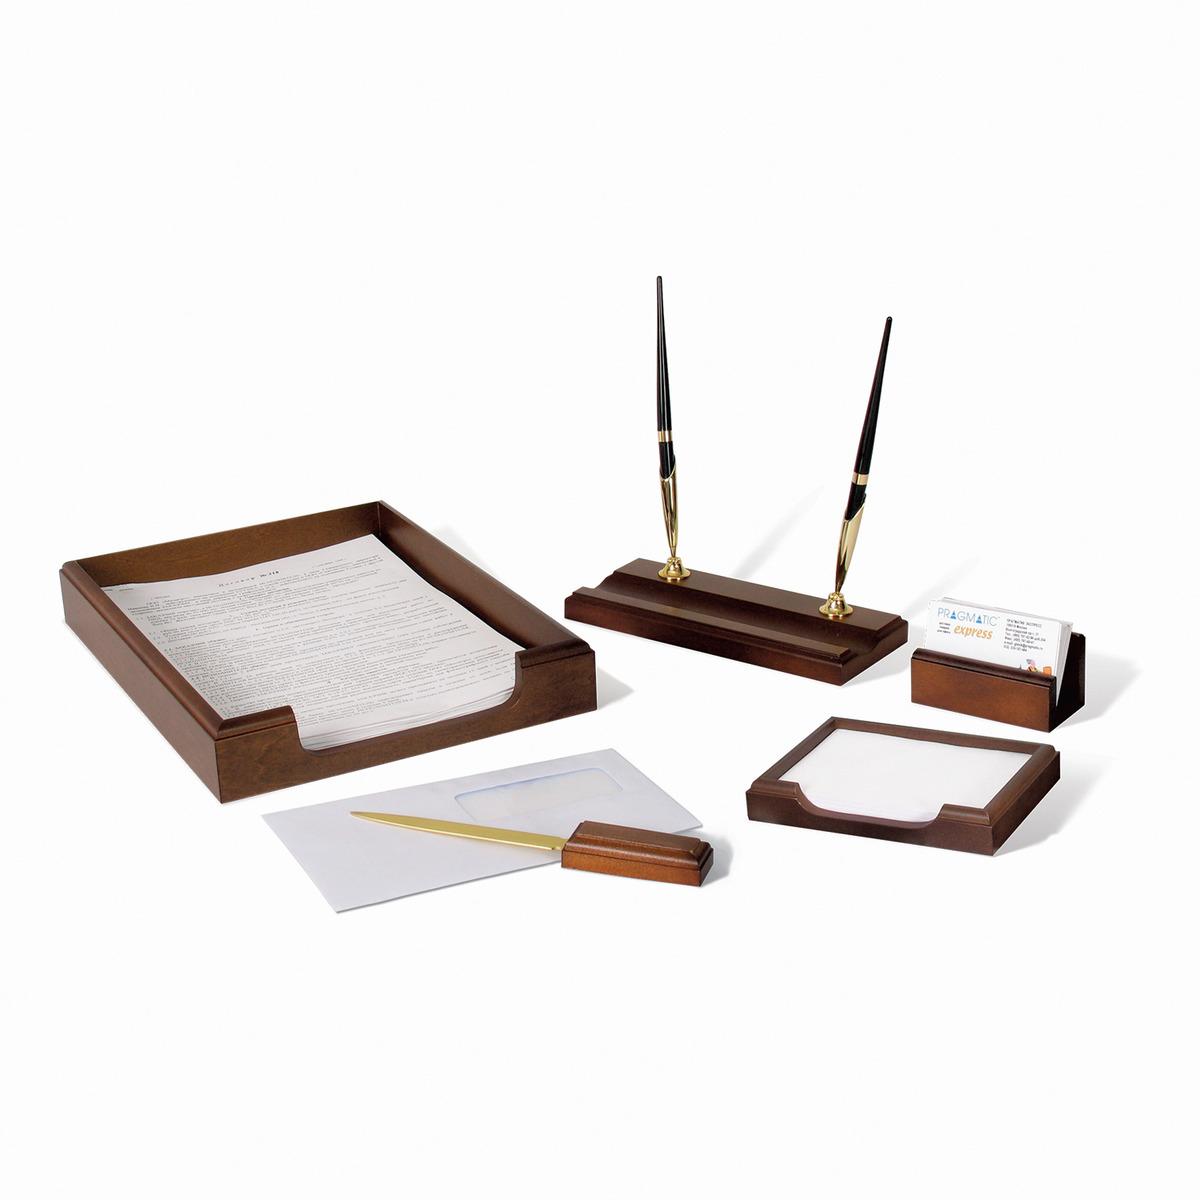 Набор письменных принадлежностей Bestar Neptun, 236371, орех, 5 предметов подставка для бумажного полотенца regent